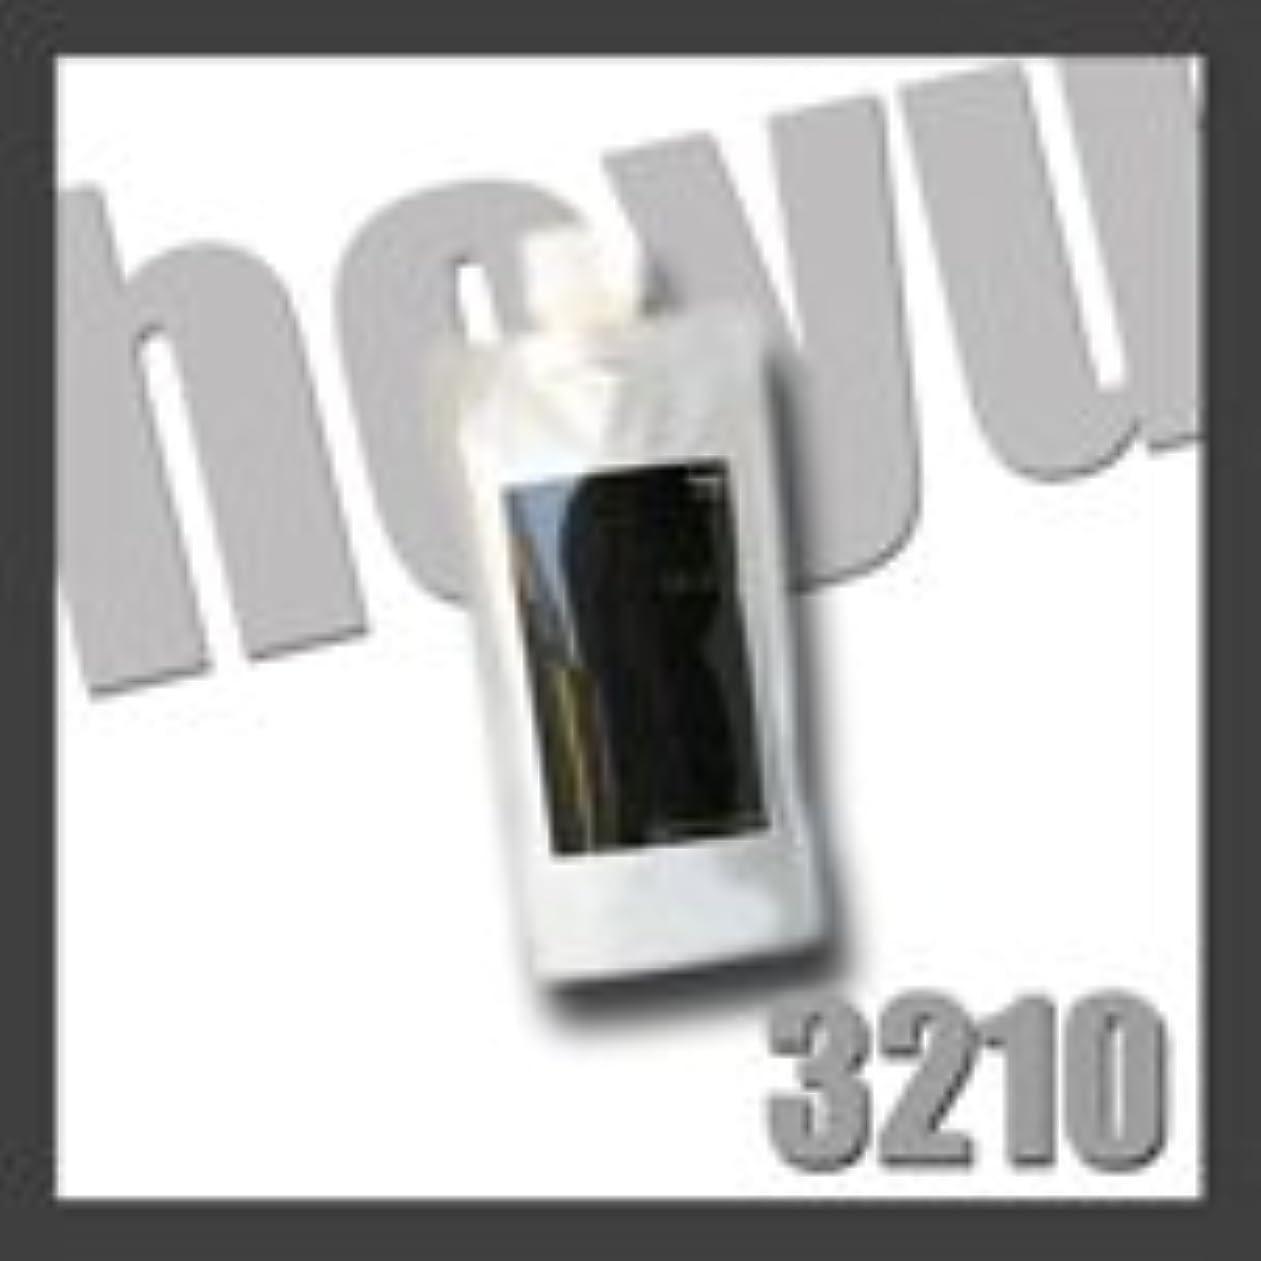 取り戻す製油所おとうさんHOYU ホーユー 3210 ミニーレ ウルトラハード ワックス レフィル 200g 詰替用 フィニッシュワークシリーズ